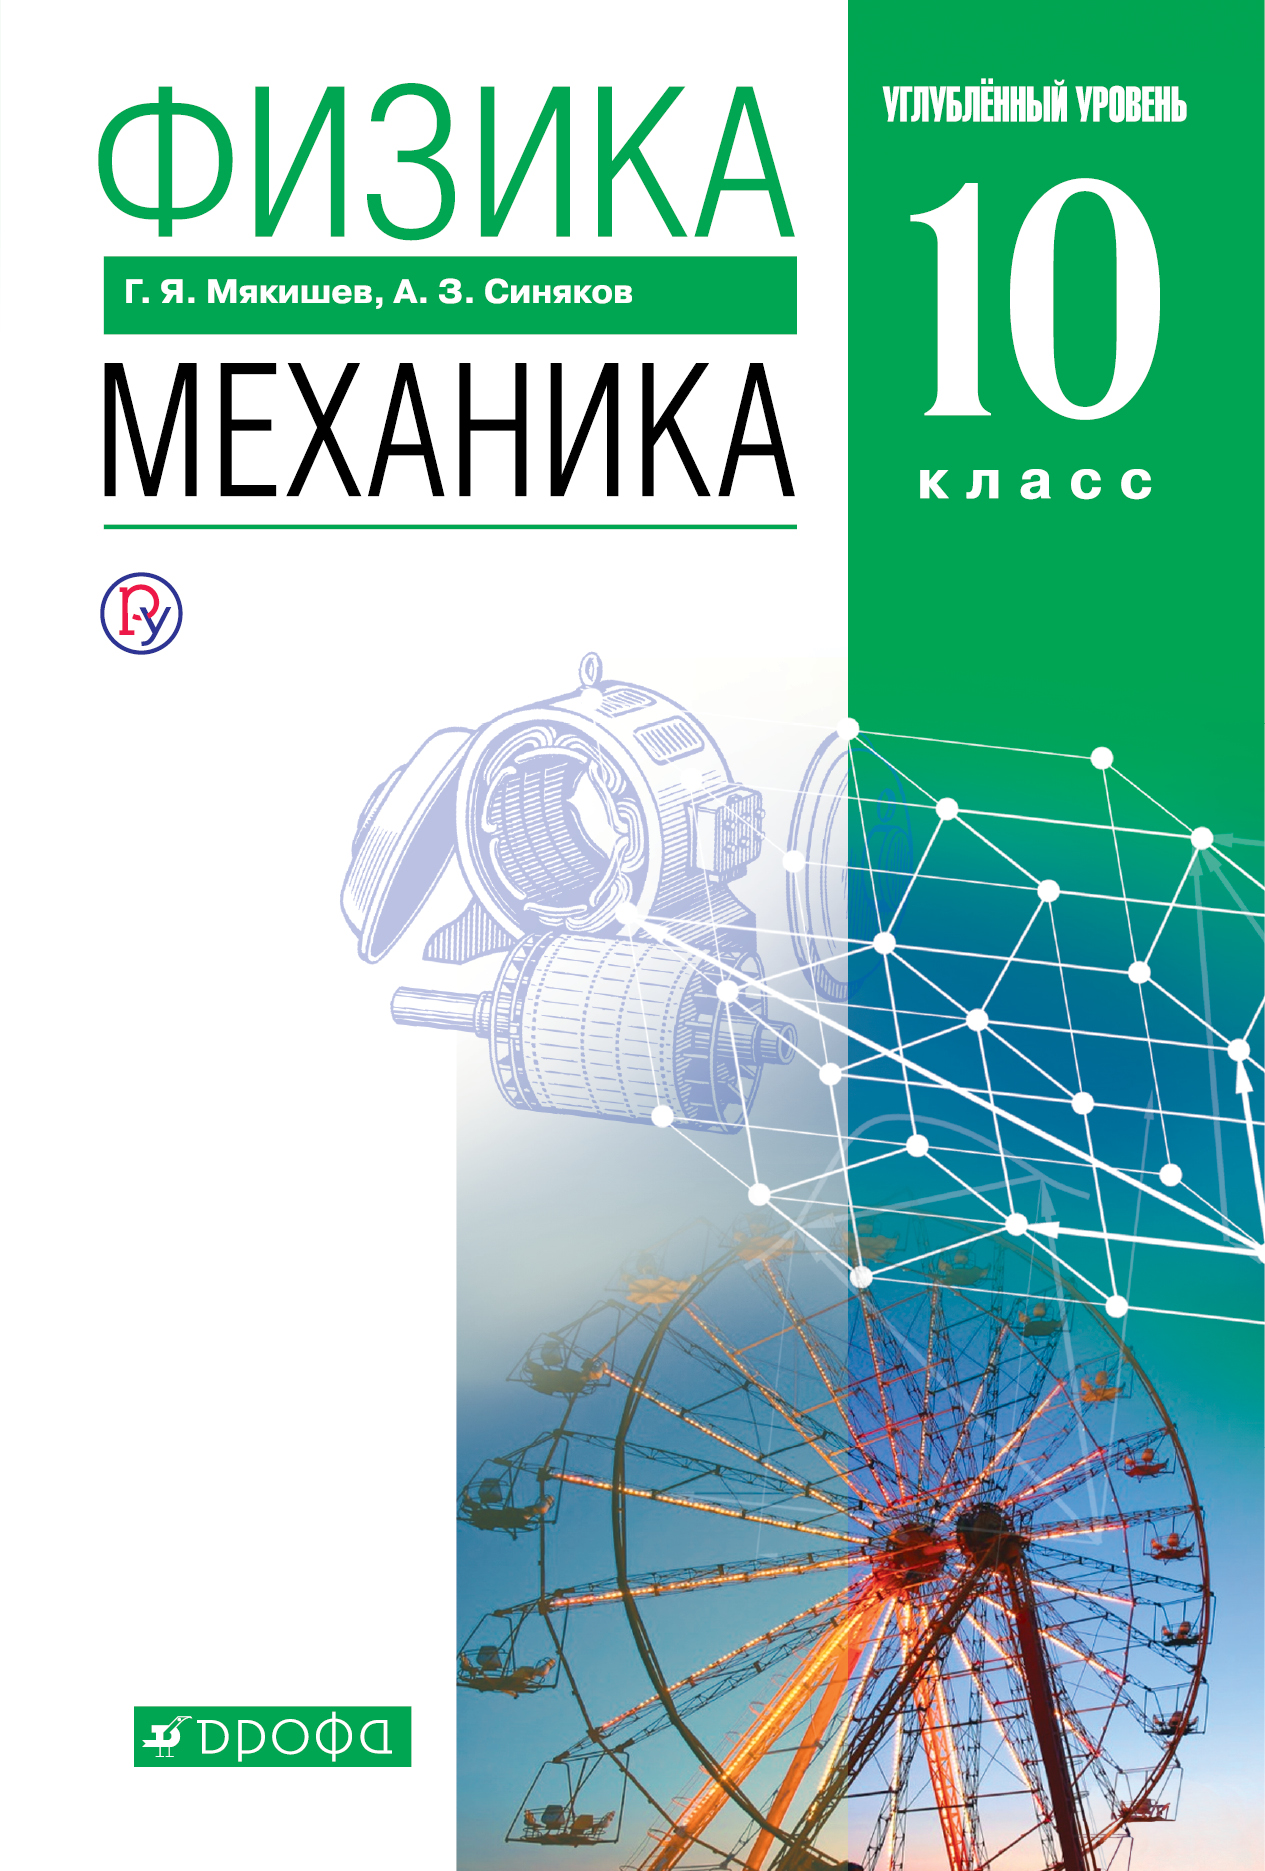 Физика. Механика. 10 класс. Учебник. Углубленный уровень, Арон Синяков,Геннадий Мякишев